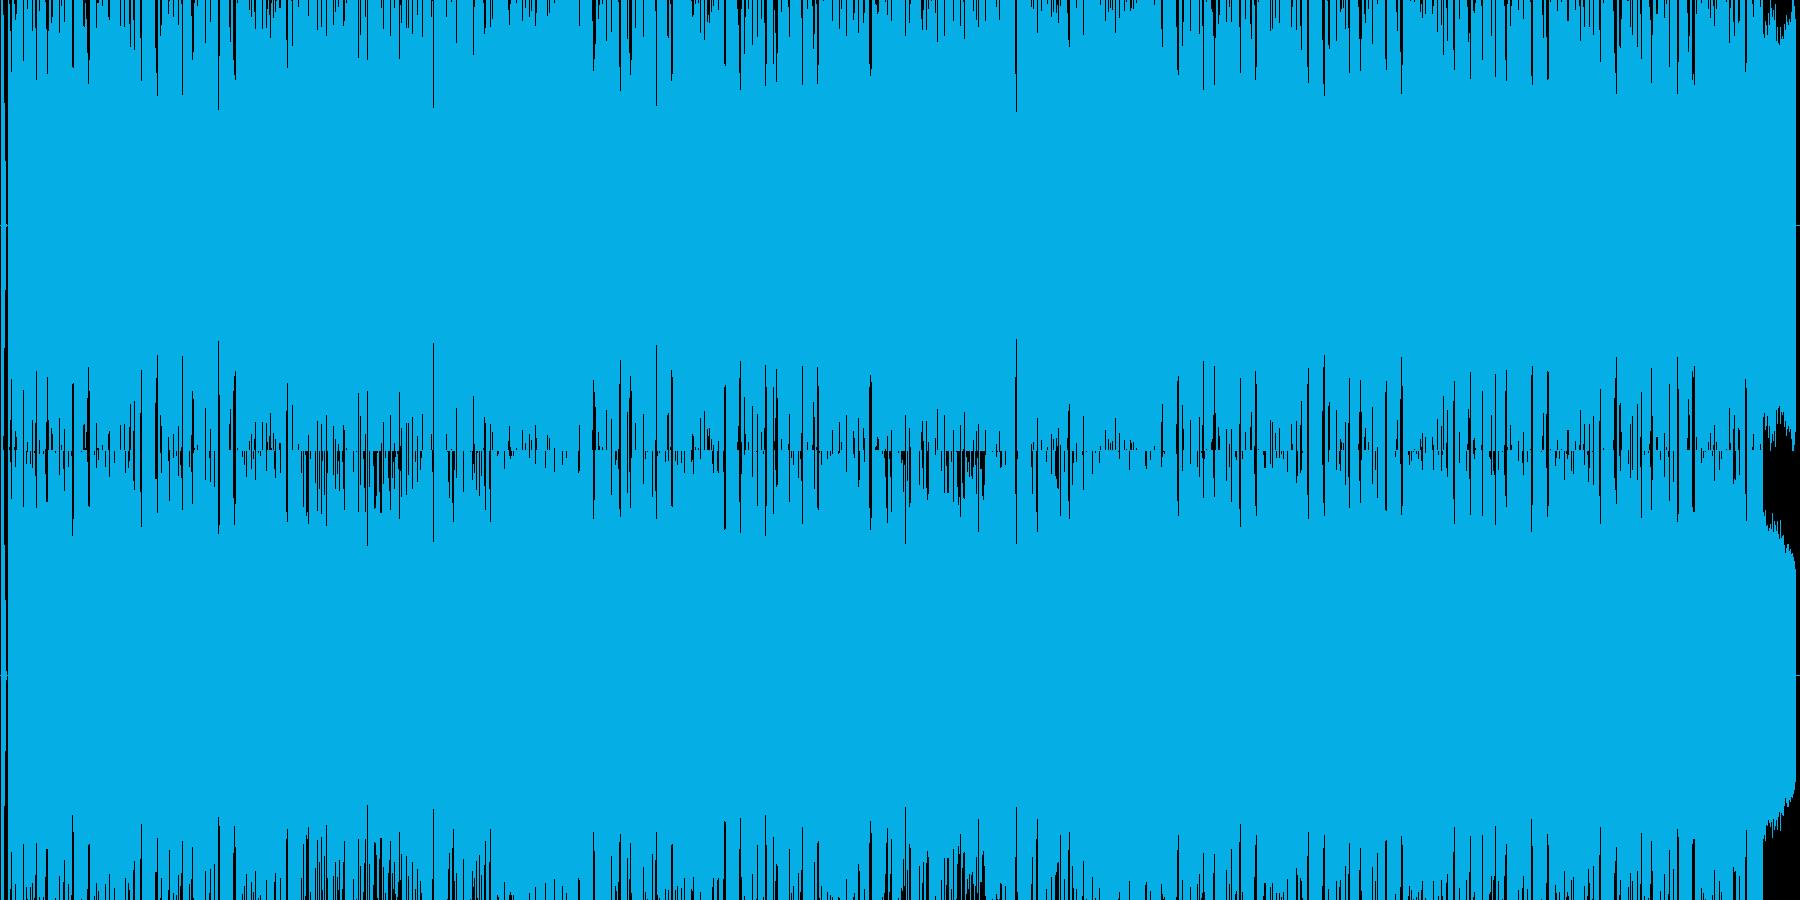 ファミコンロックマン風ワイリーステージの再生済みの波形